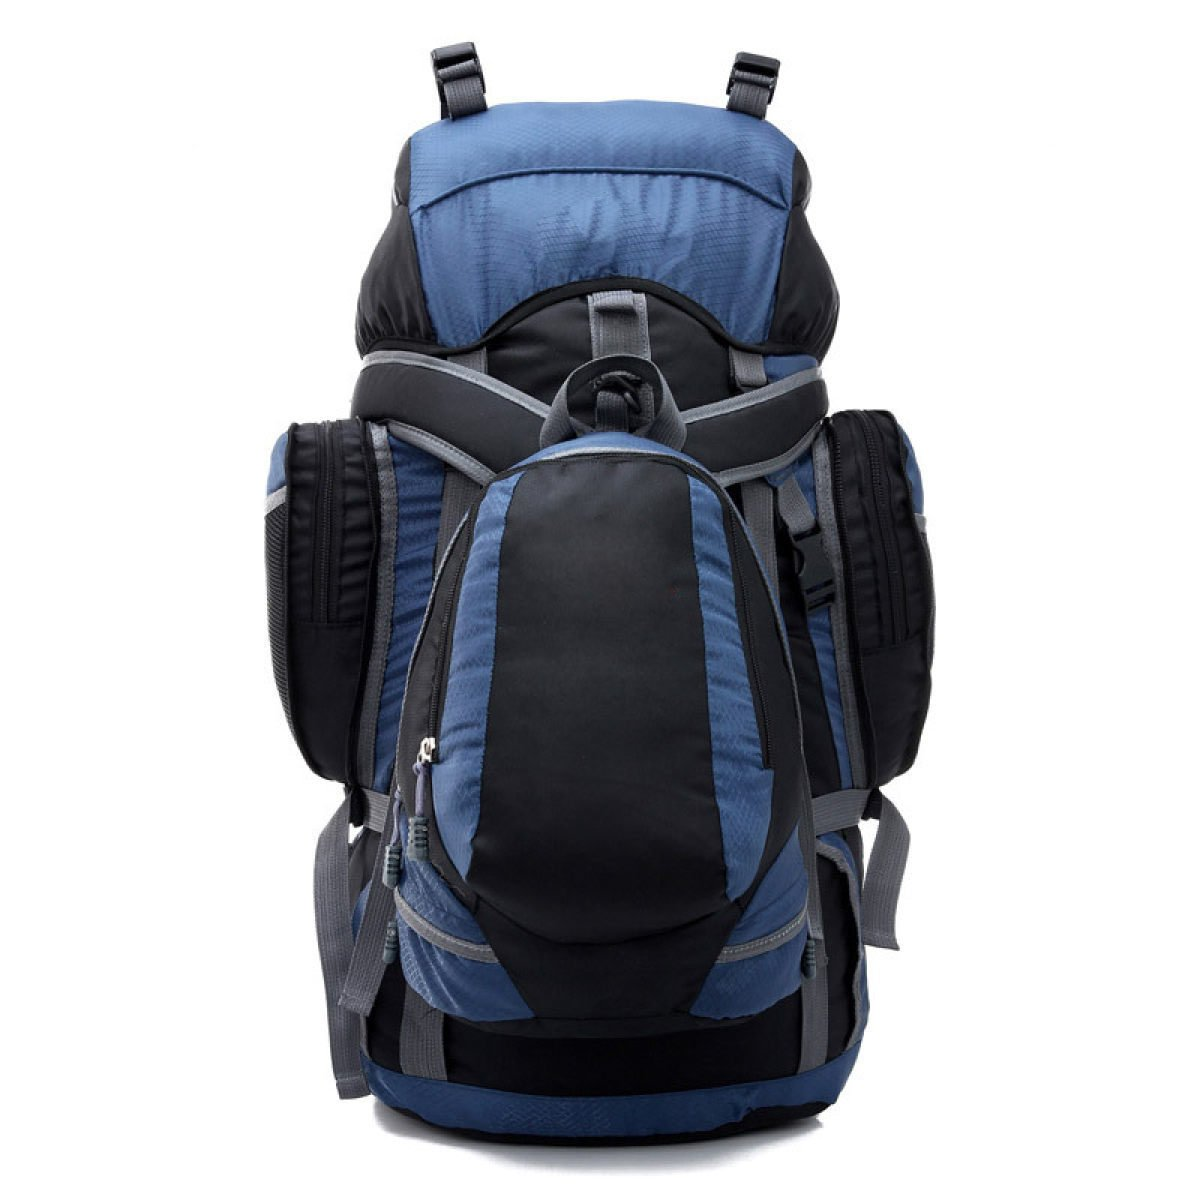 Große Kapazitäten Wasserdichte Bergsteigen Outdoor Camping Hinten Gehen Schultern Brötchen Taschen Taschen Stahl Rahmen Zelt Taschen,Blau